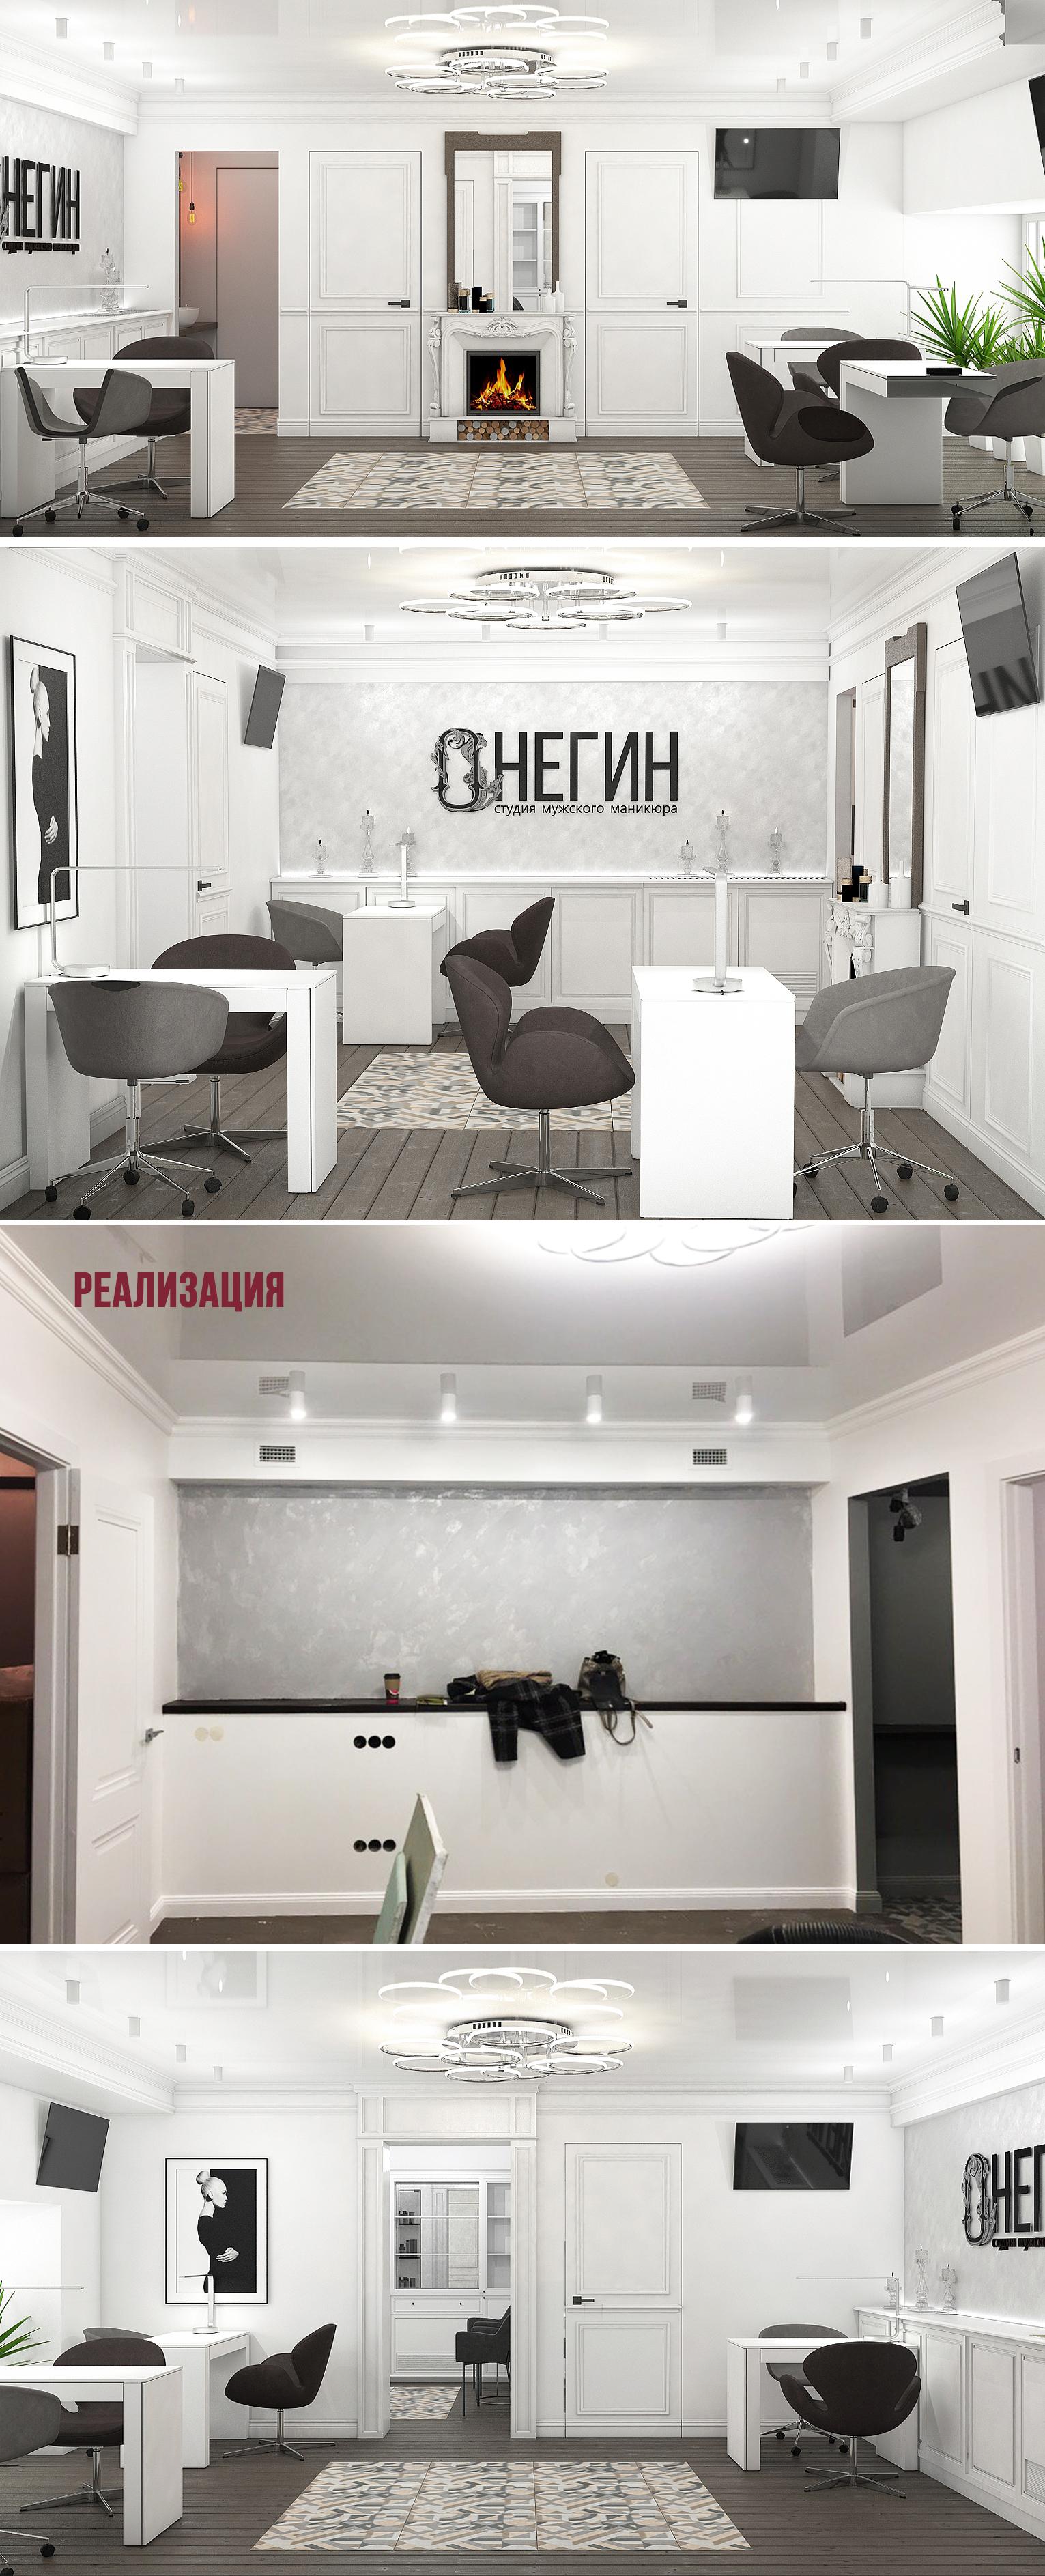 """Проект и реализация студии маникюра """"Онегин"""" (Мск)"""